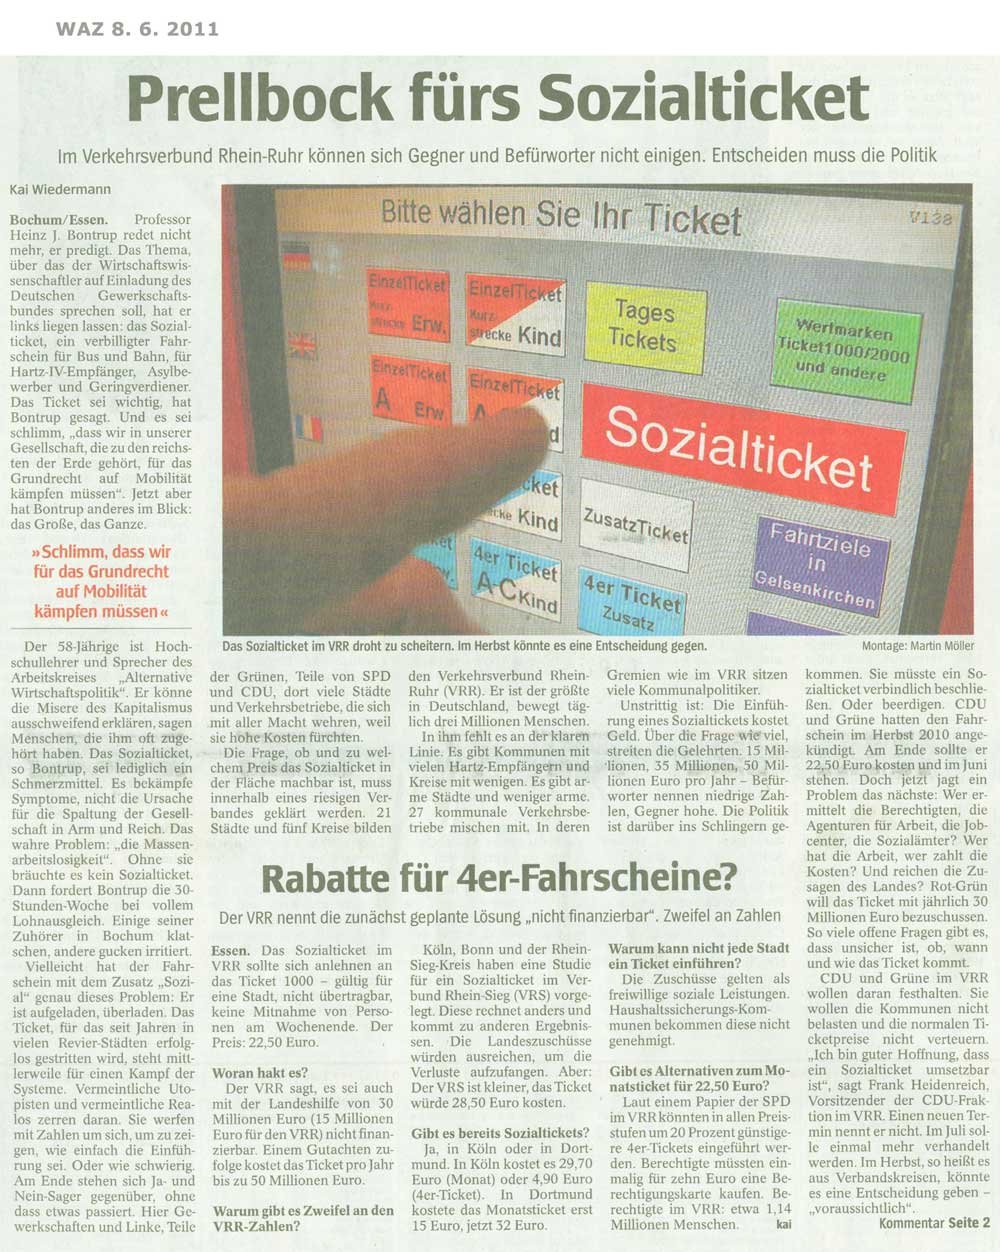 waz-11-06-08-sozialticket